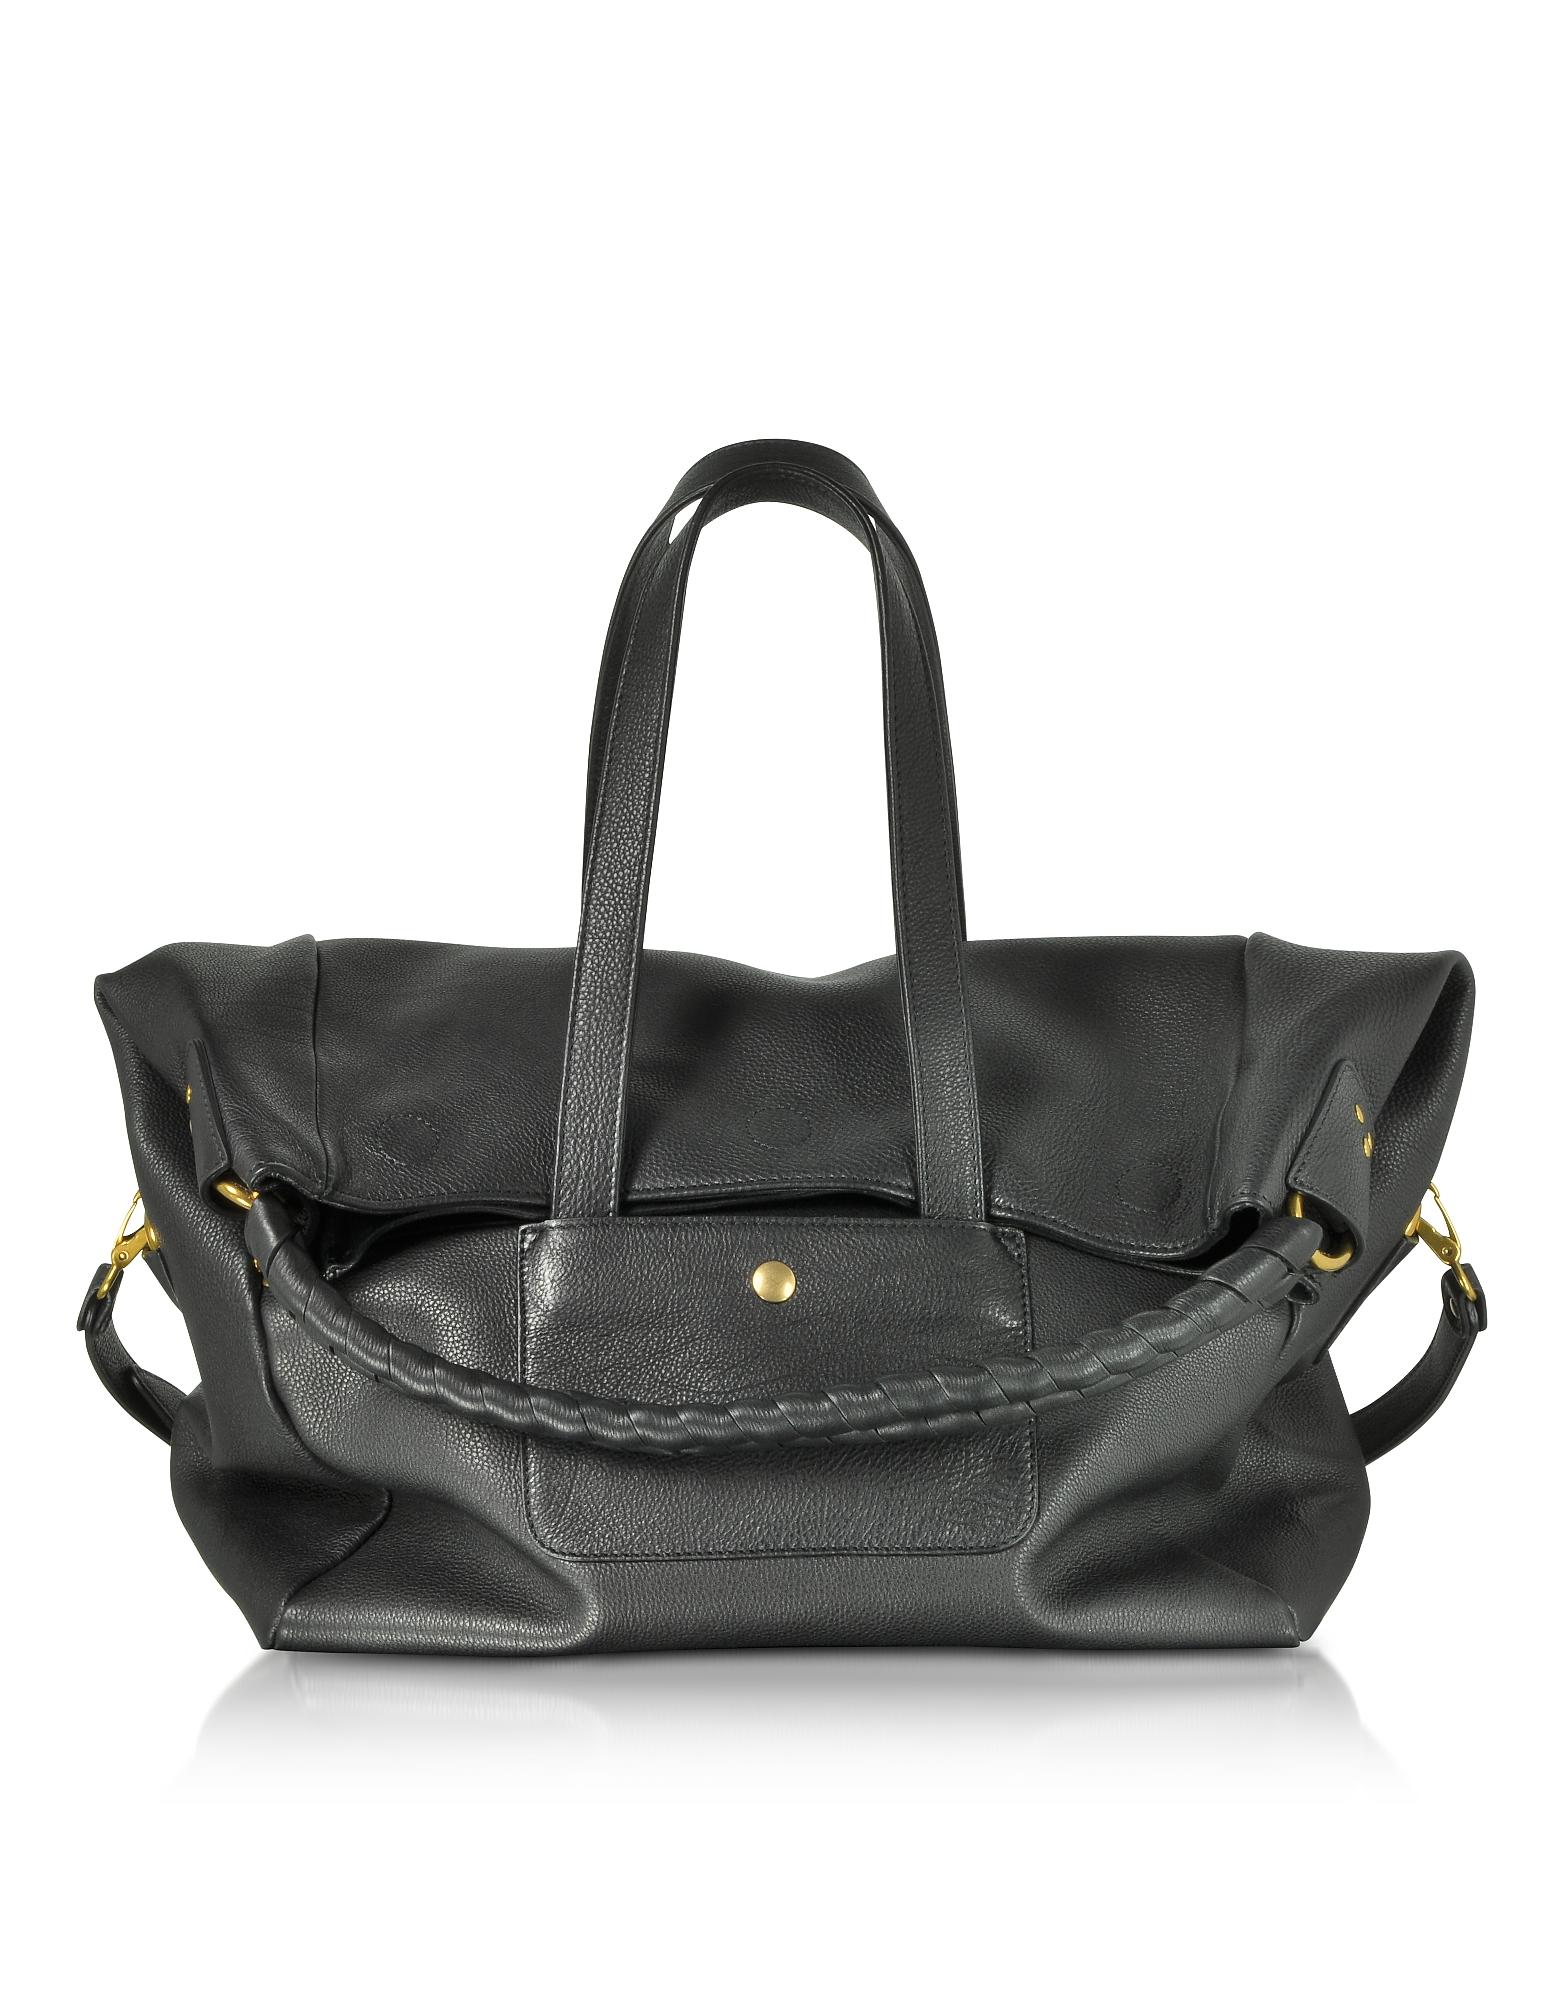 Gaspard Black Leather Shoulder Bag